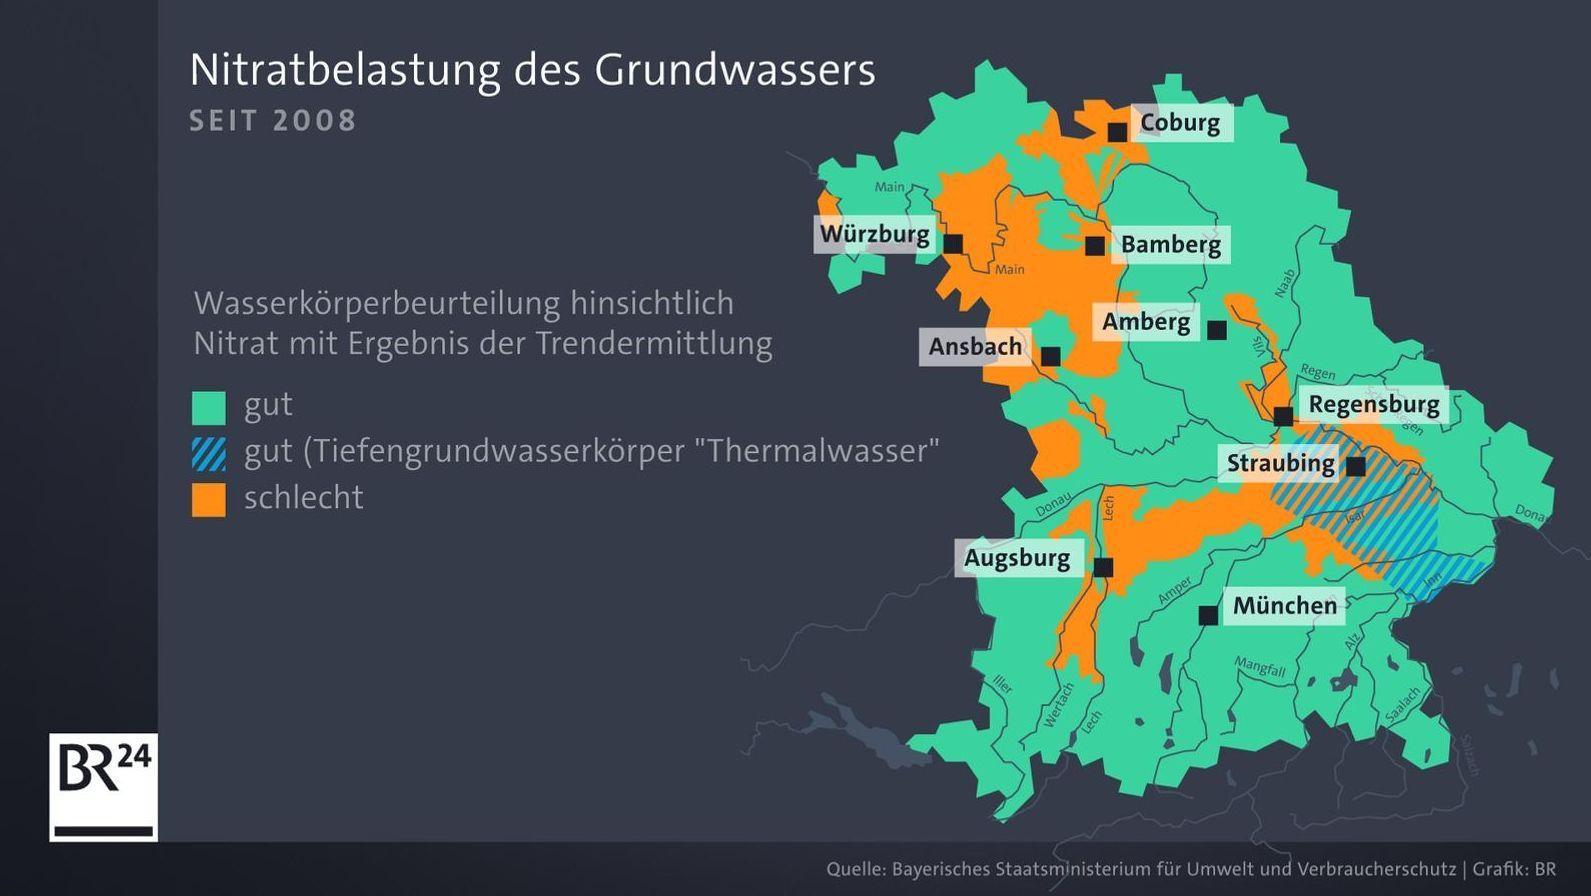 Die Nitratbelastung des Grundwassers in Bayern